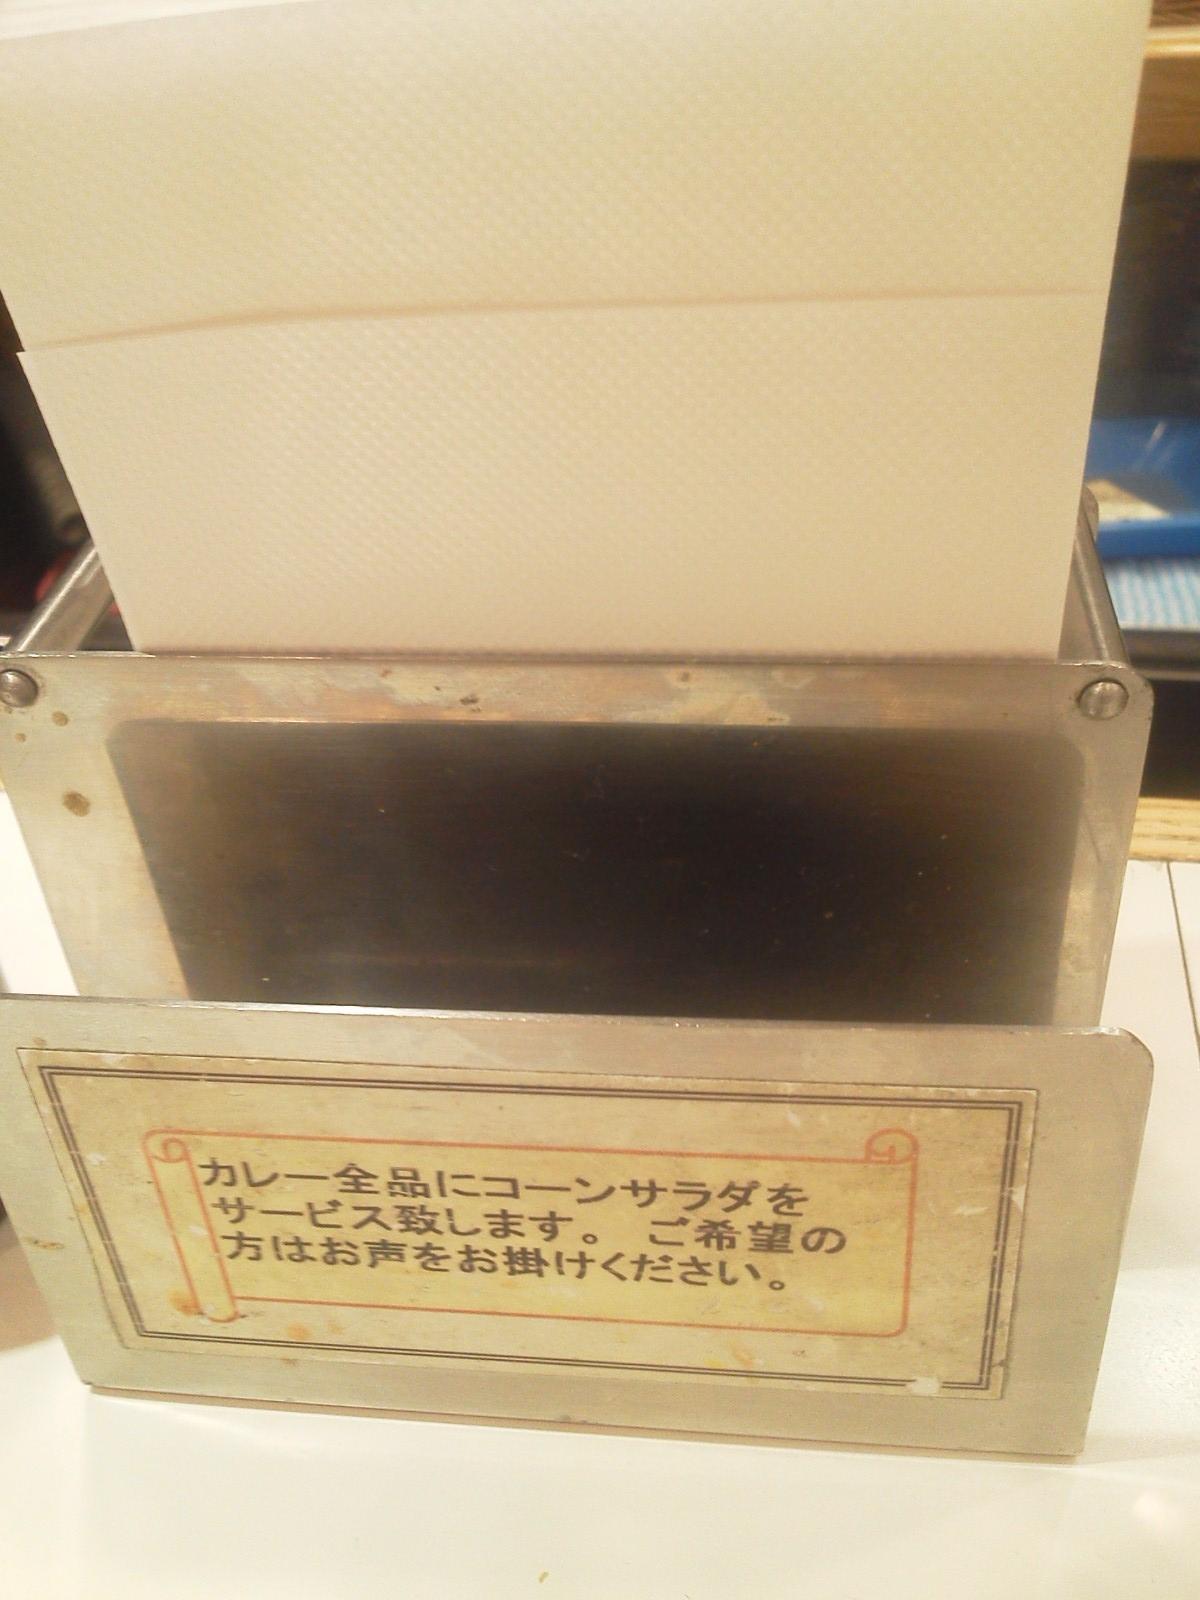 NEC_0497.jpg